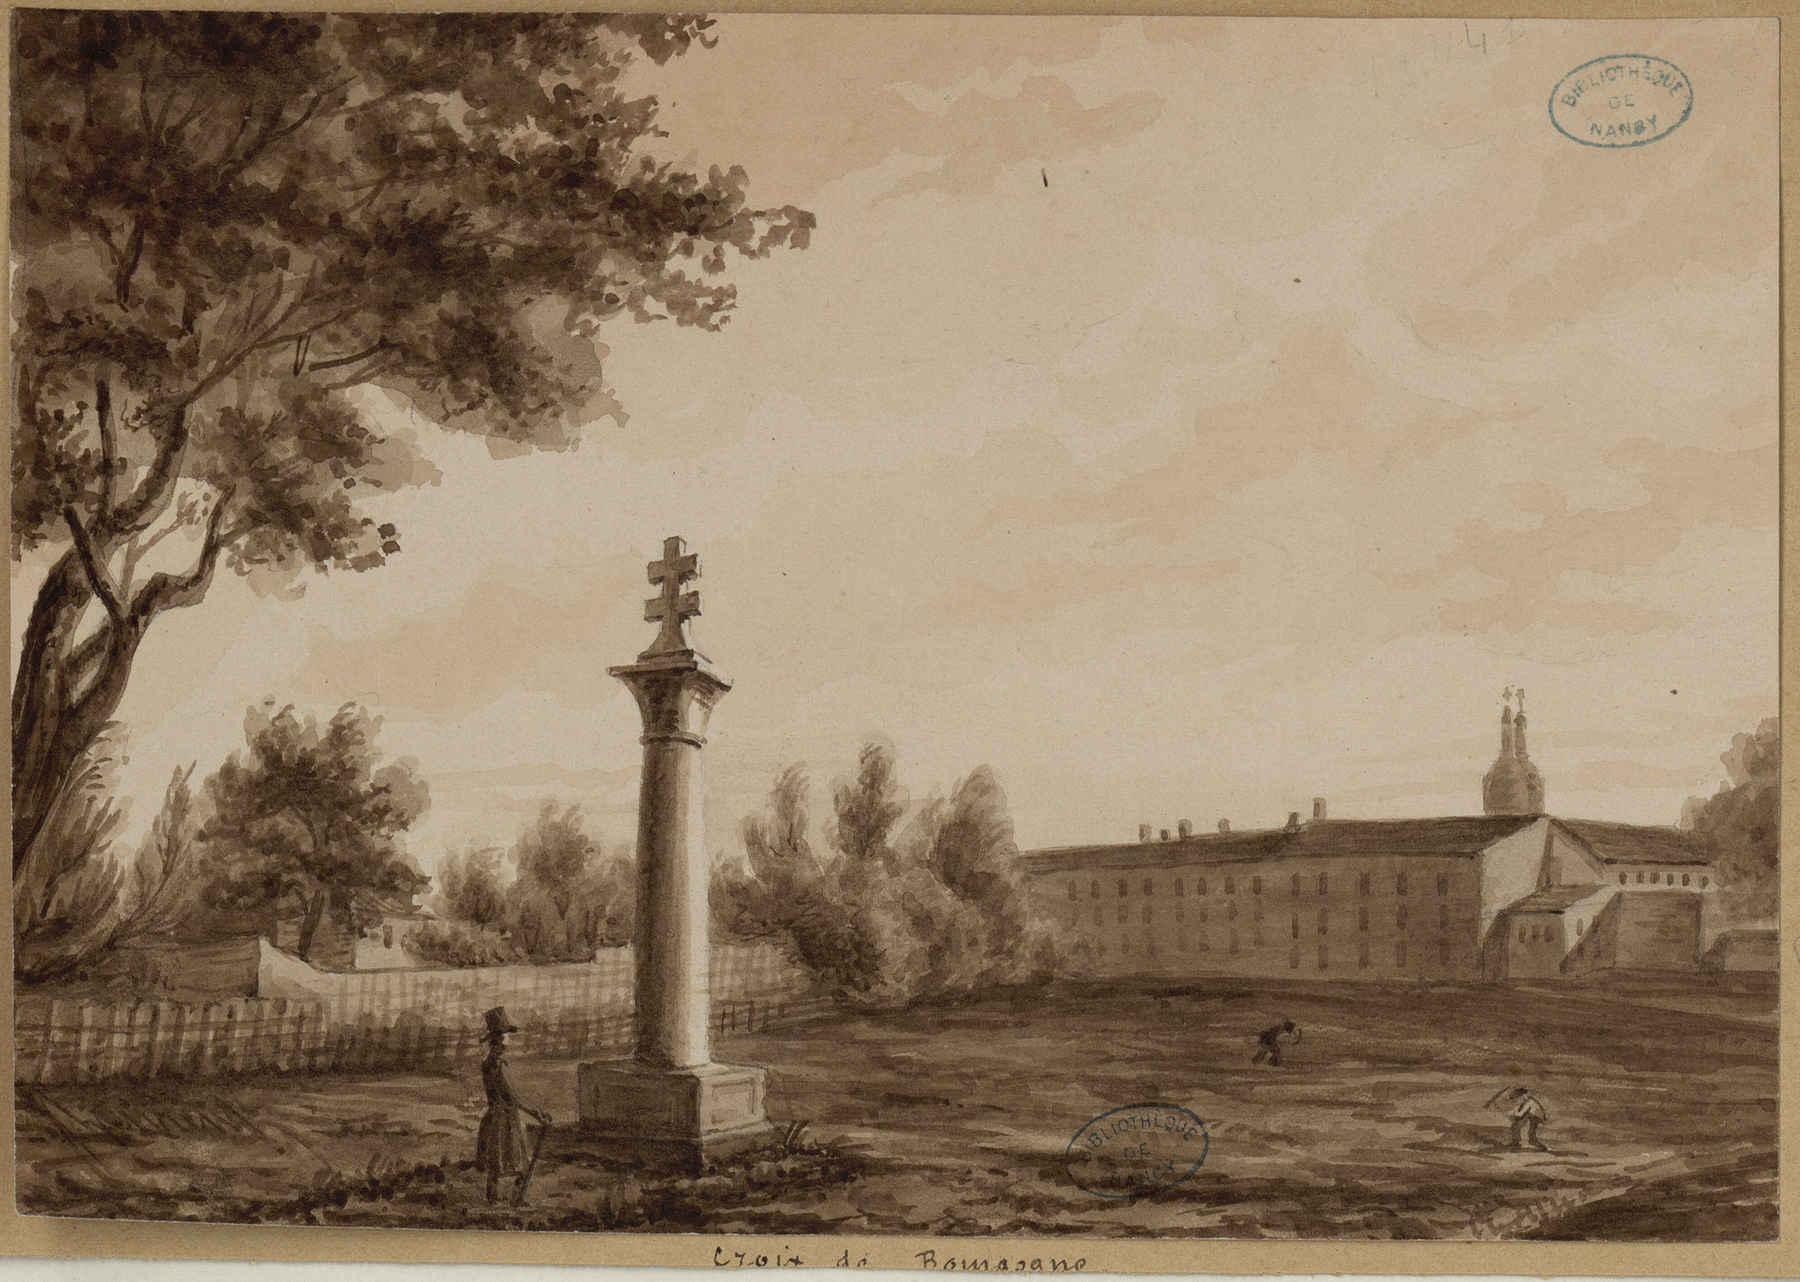 Contenu du [Monument de la] Croix de Bourgogne